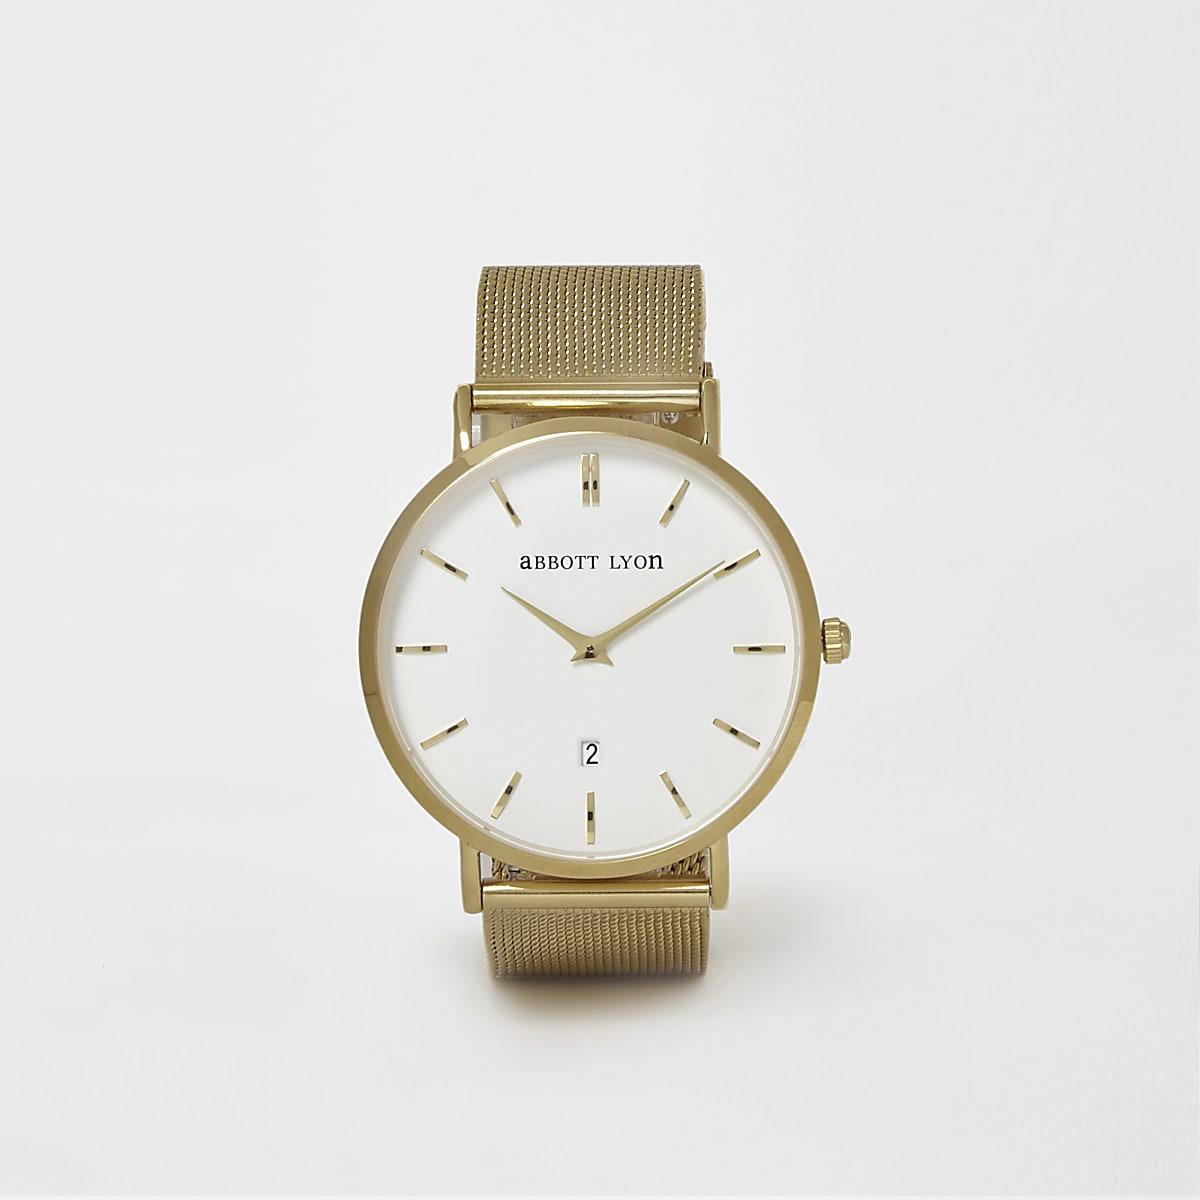 Gold plated mesh Abbott Lyon watch